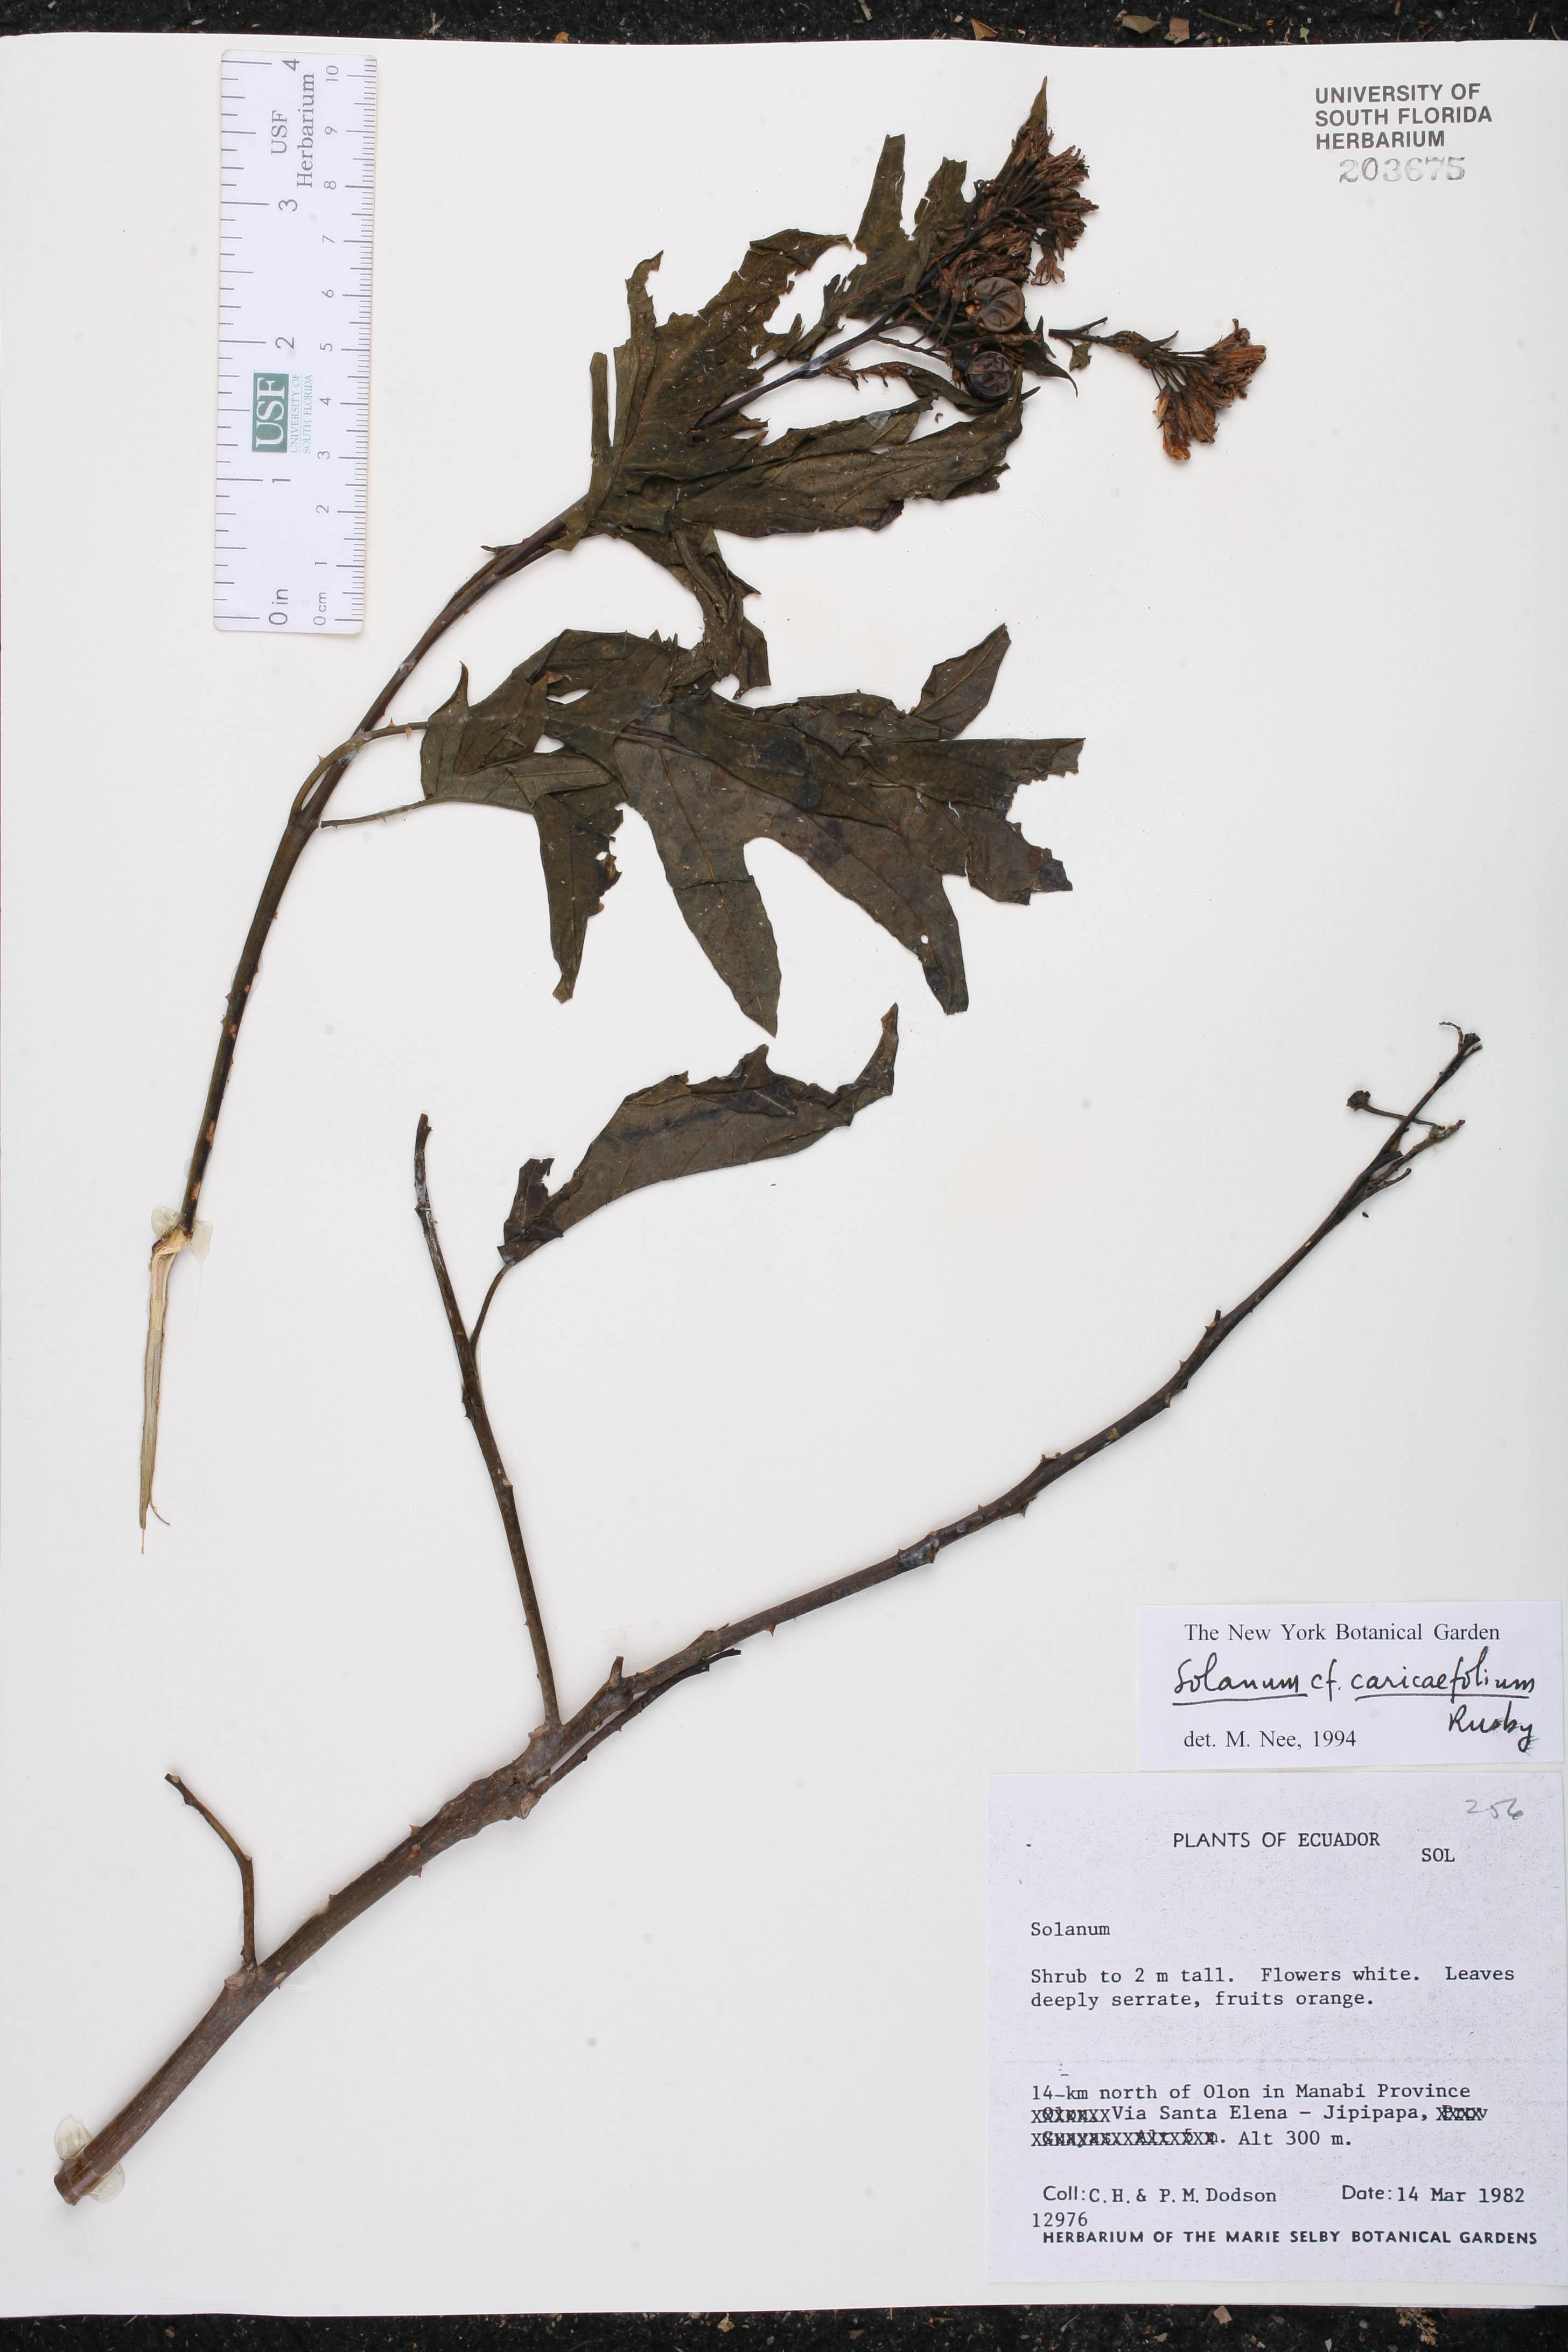 Solanum caricaefolium image